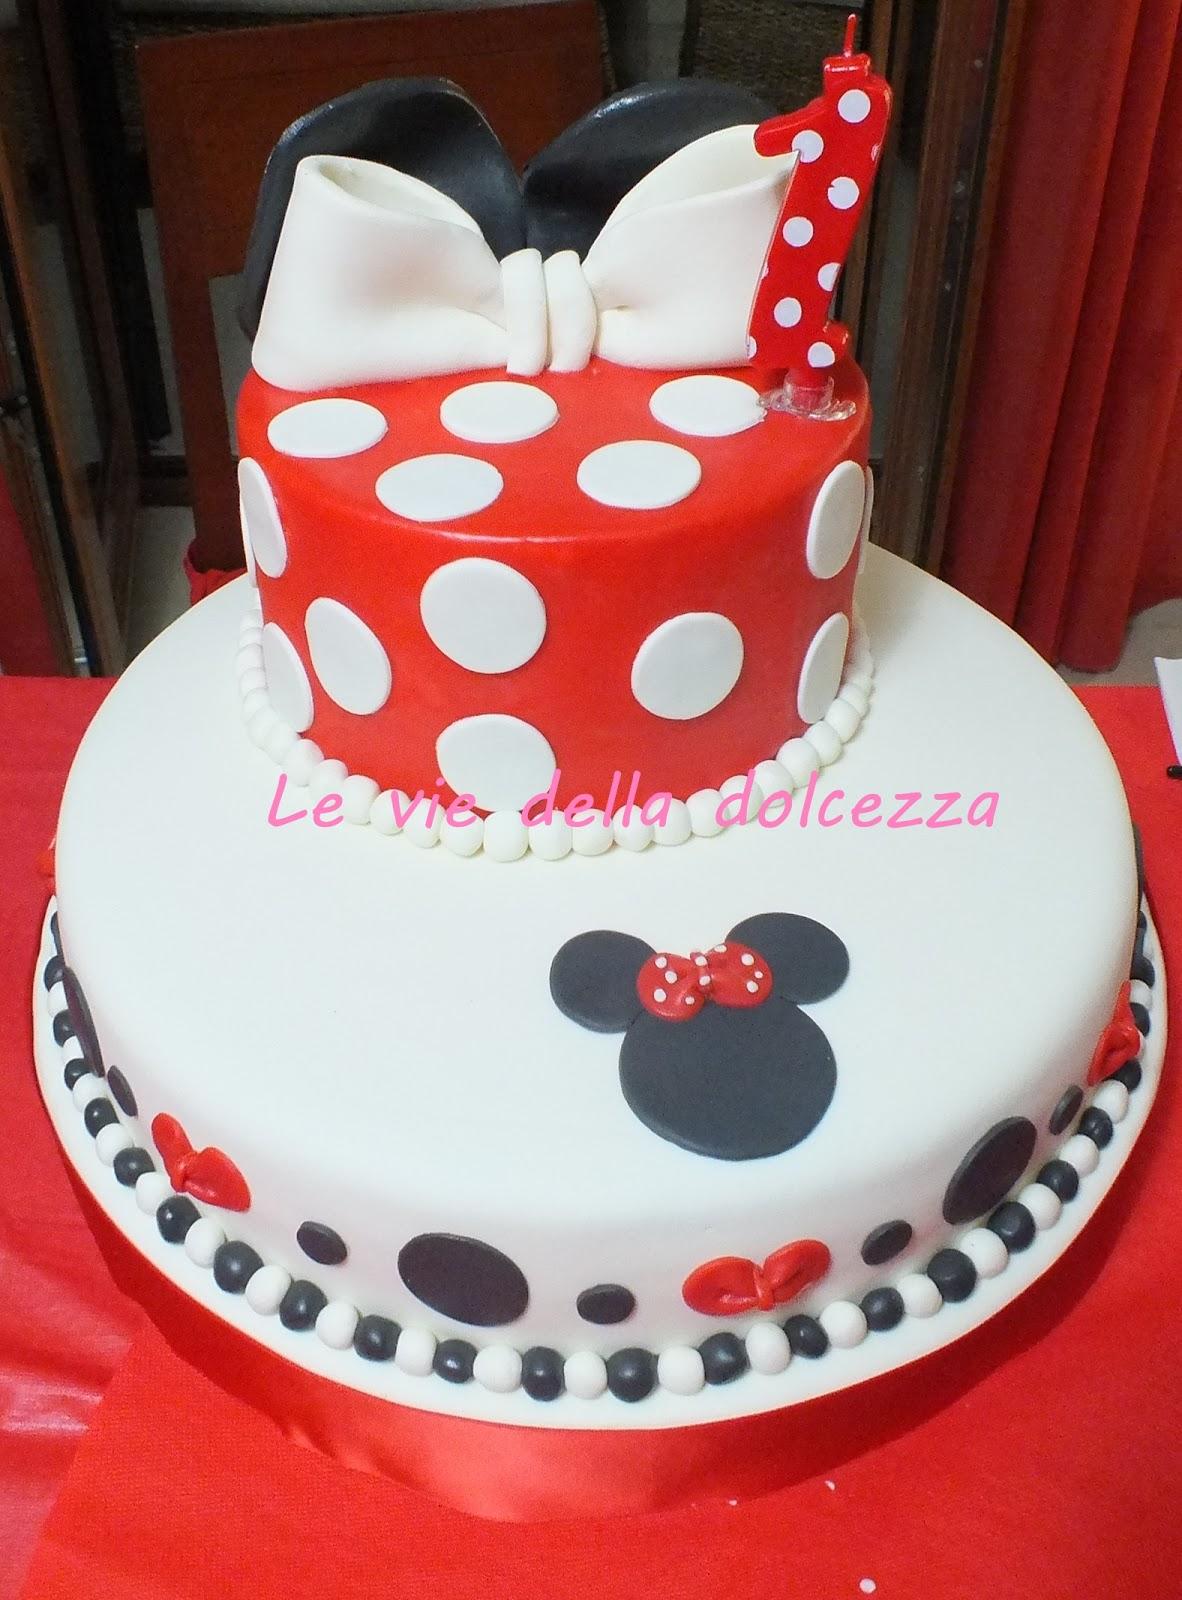 Favoloso Le vie della dolcezza: Party Minnie CP69